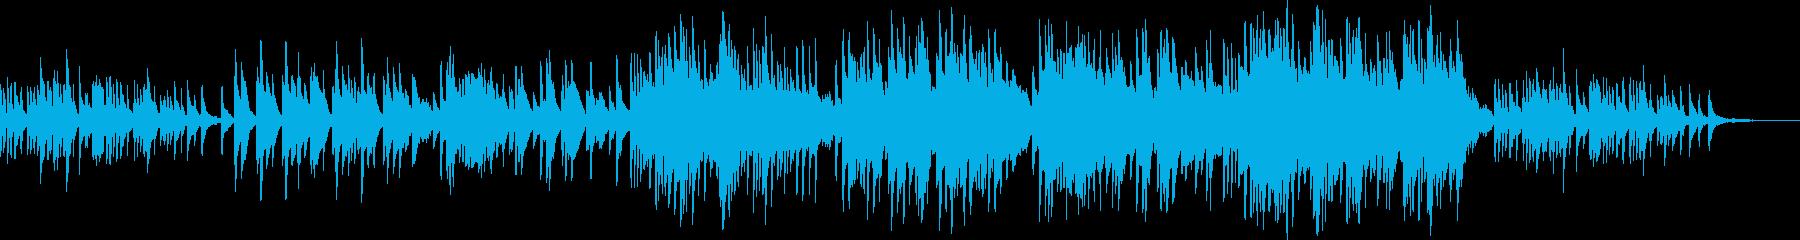 ゆったりとしたピアノバラード曲の再生済みの波形